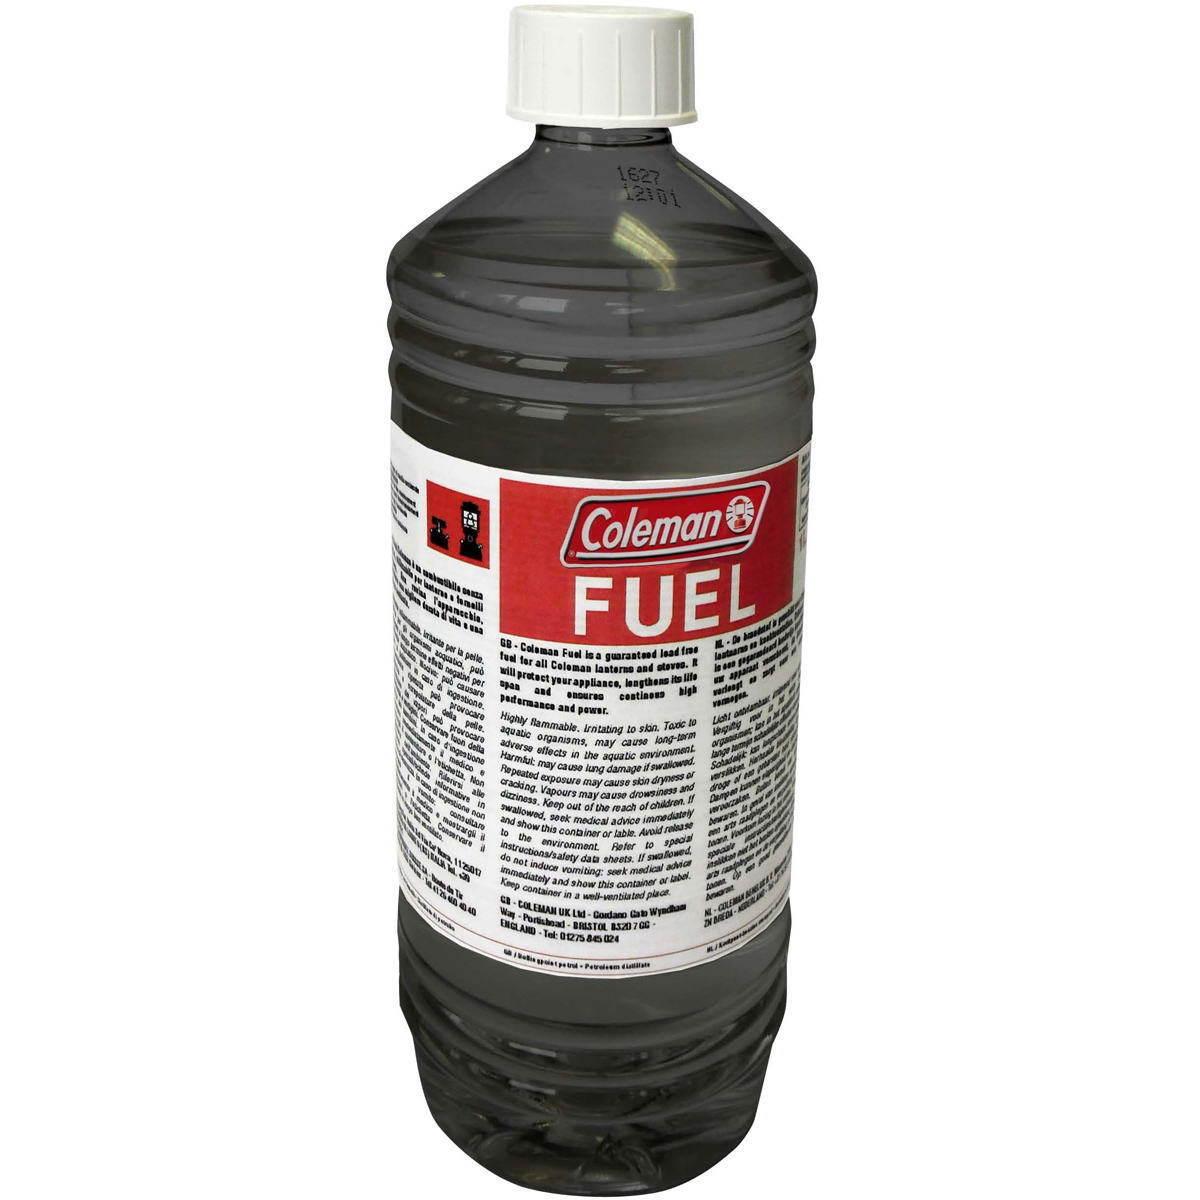 Coleman Fuel Katalytbenzin Katalytbenzin Katalytbenzin Benzin für Unleaded Kocher u Lampen GERINGER VERSAND daec9f